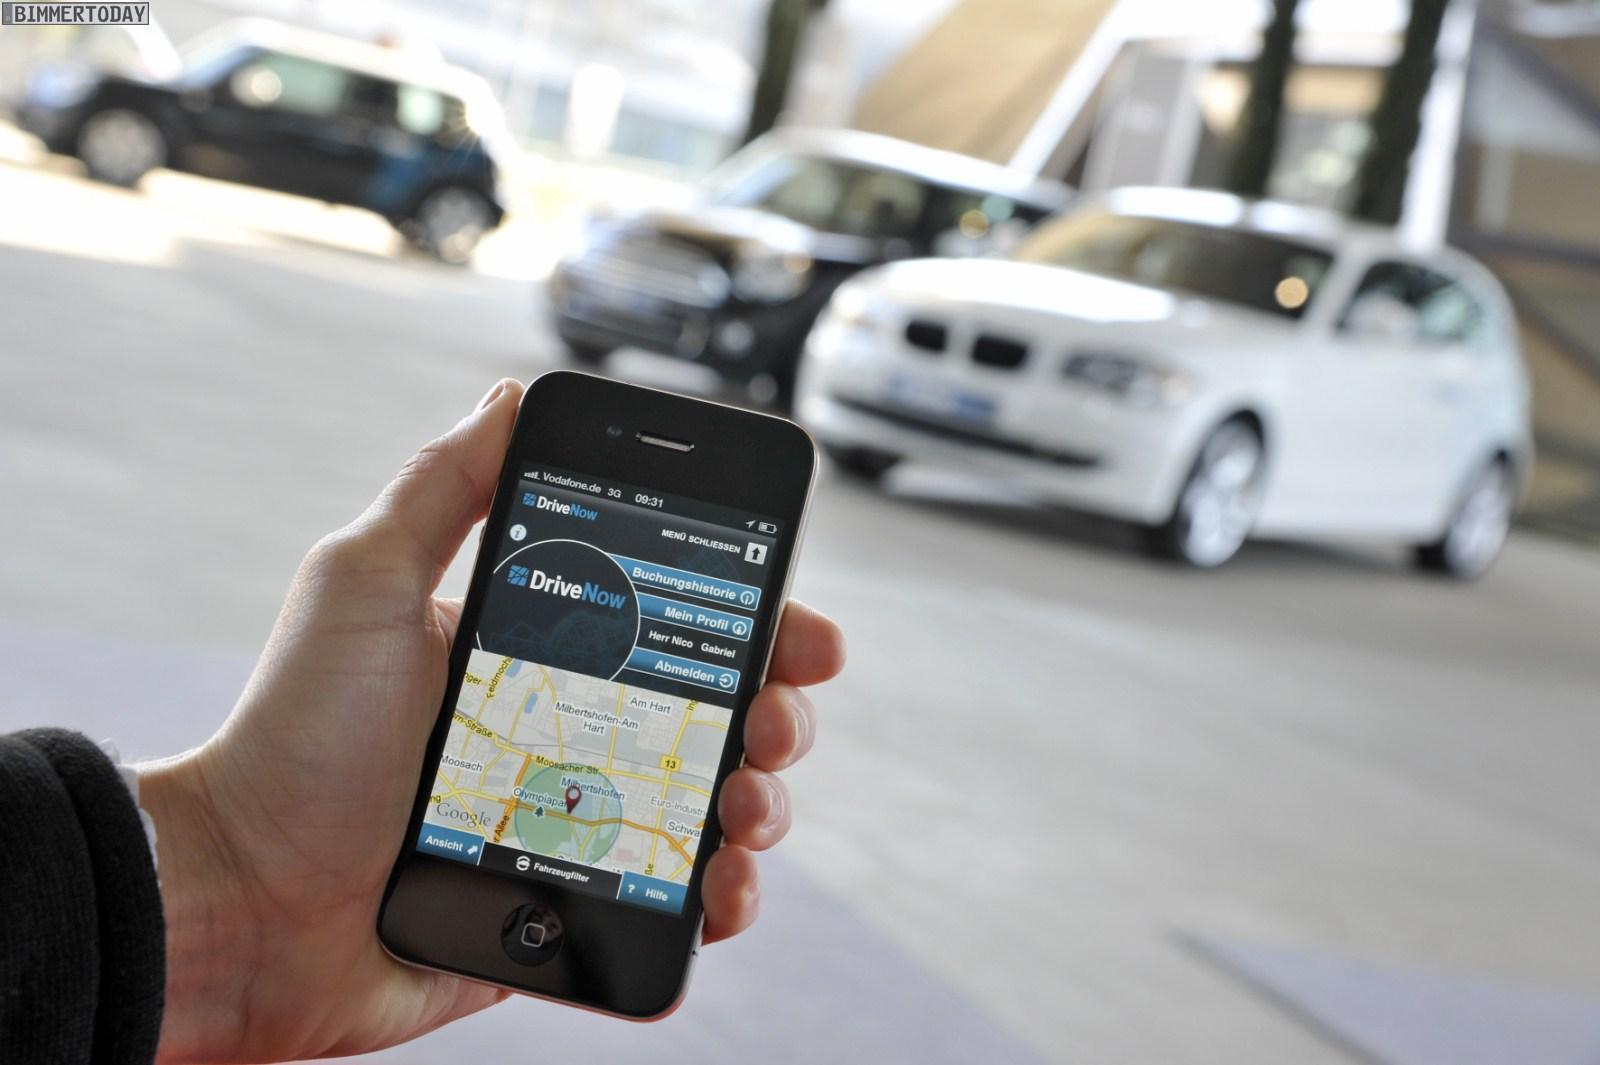 ride sharing and car sharing